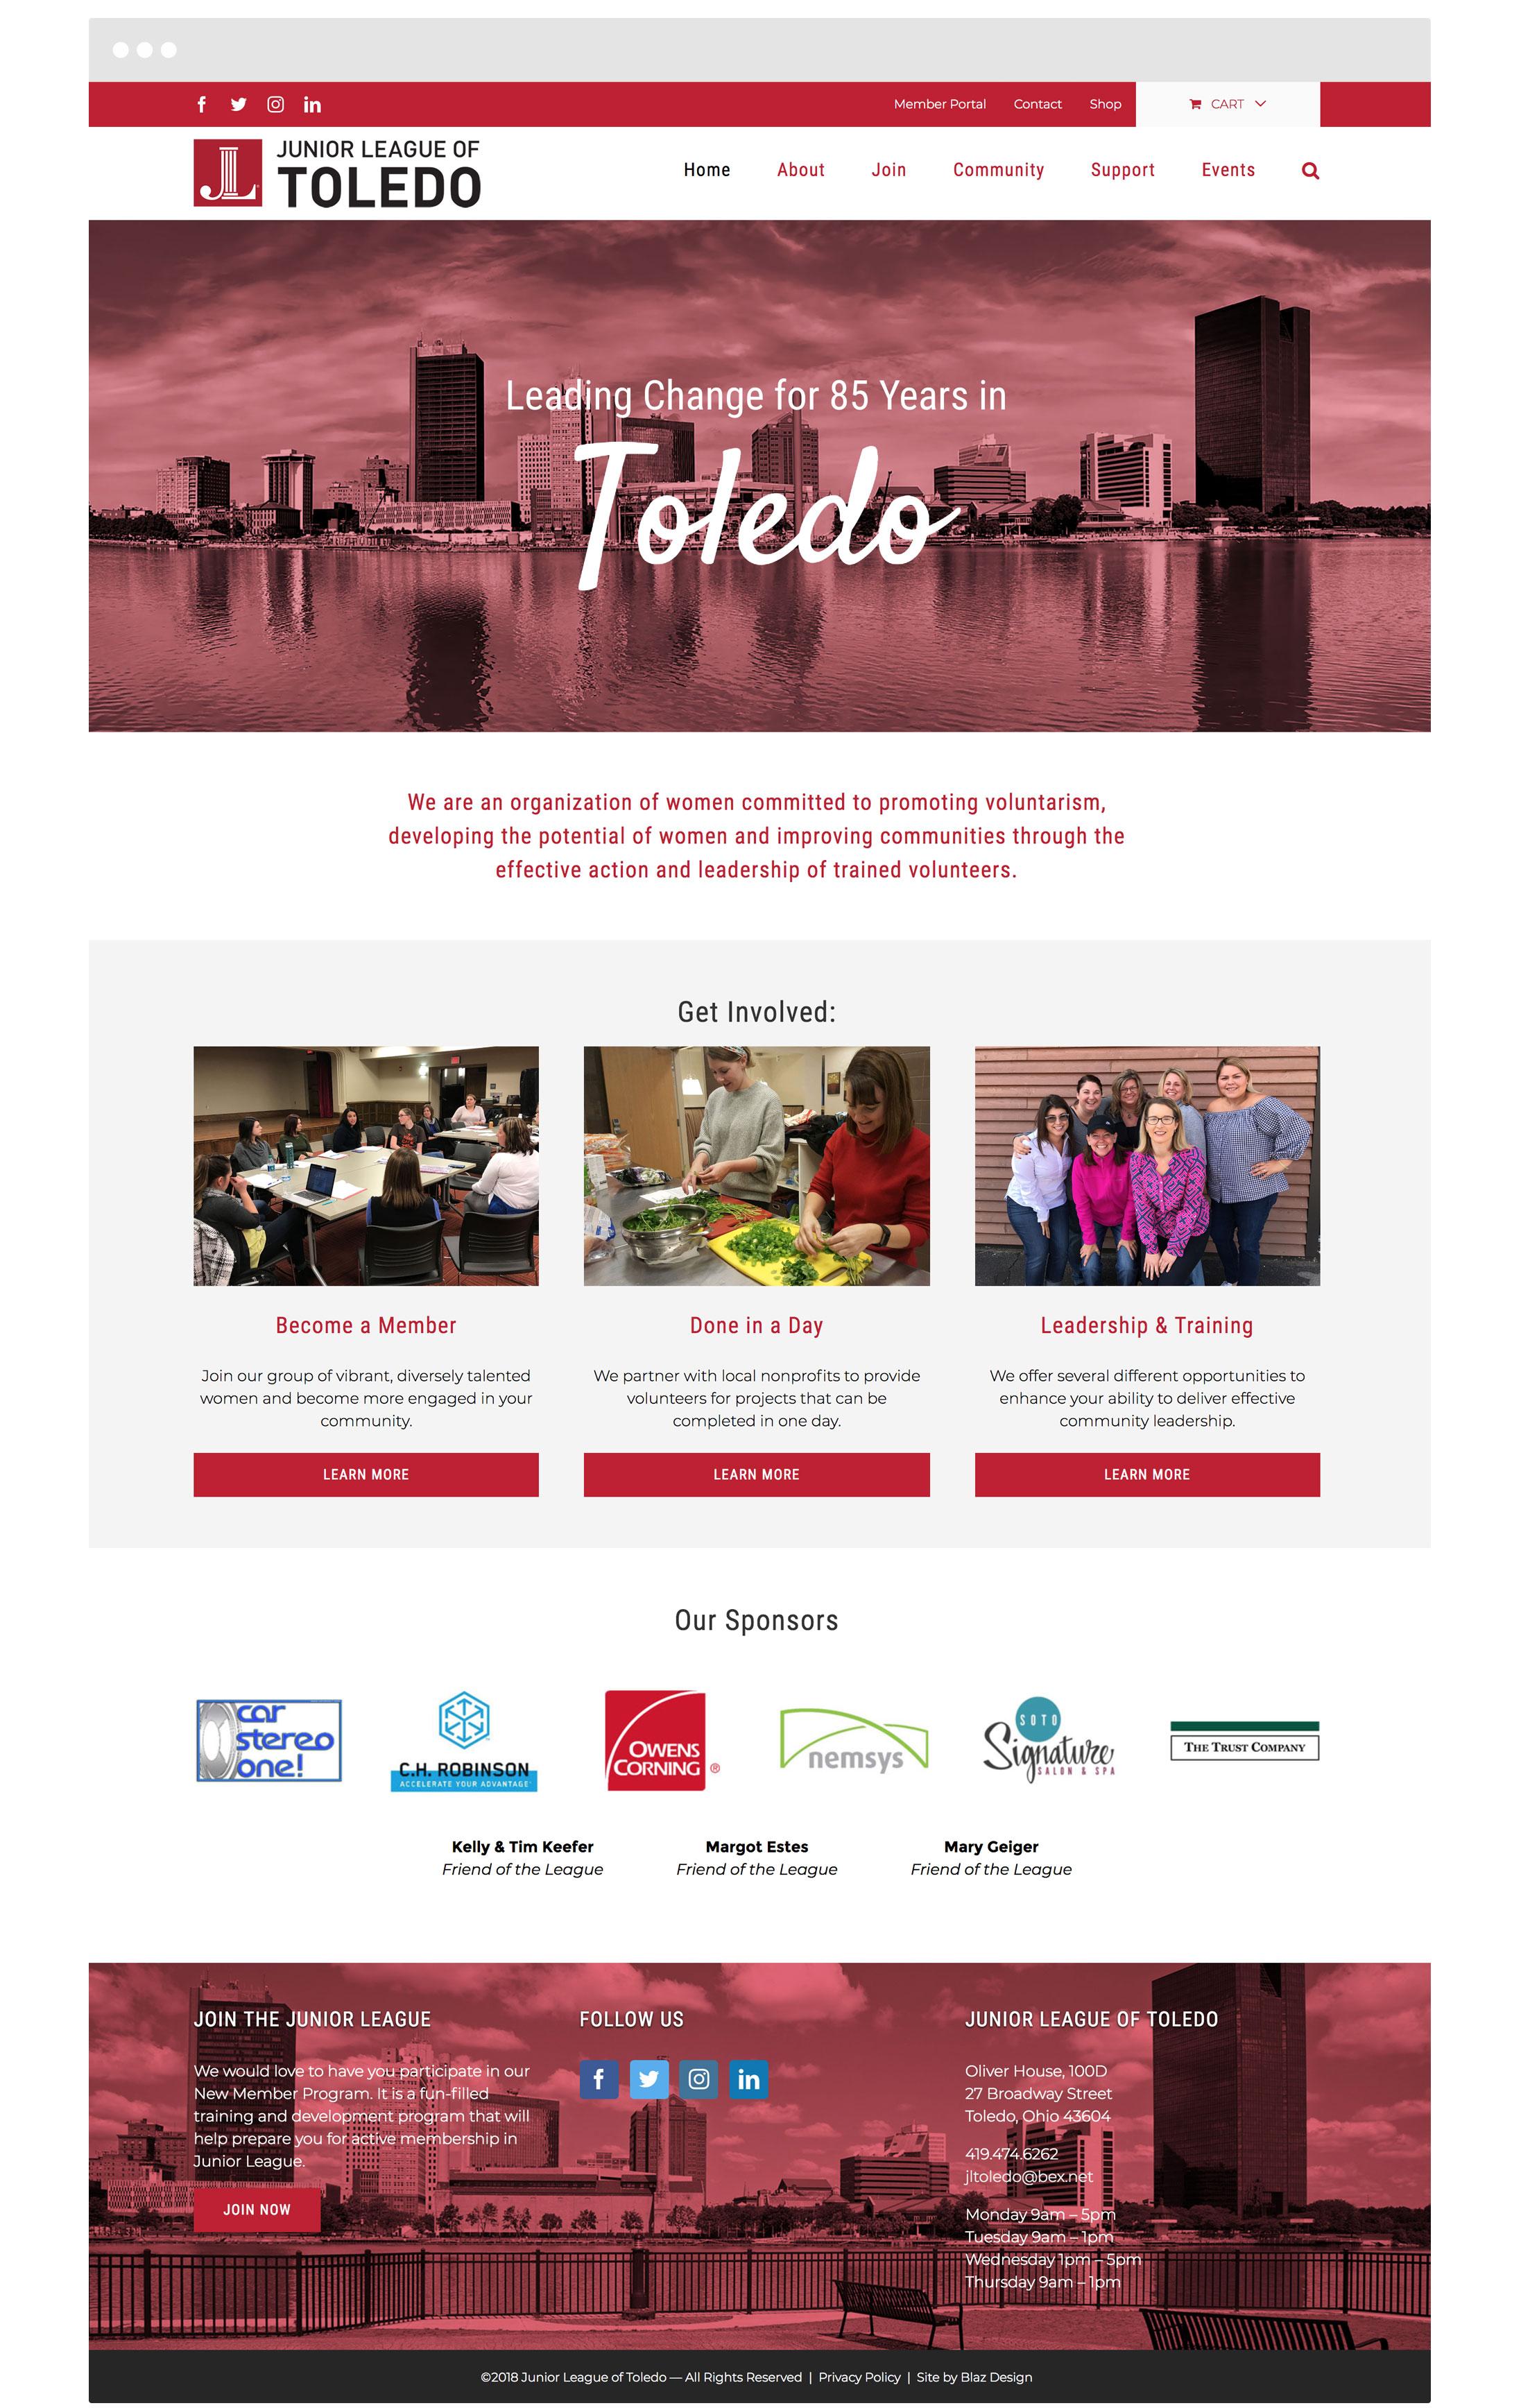 Junior League of Toledo Web Design & Graphic Design